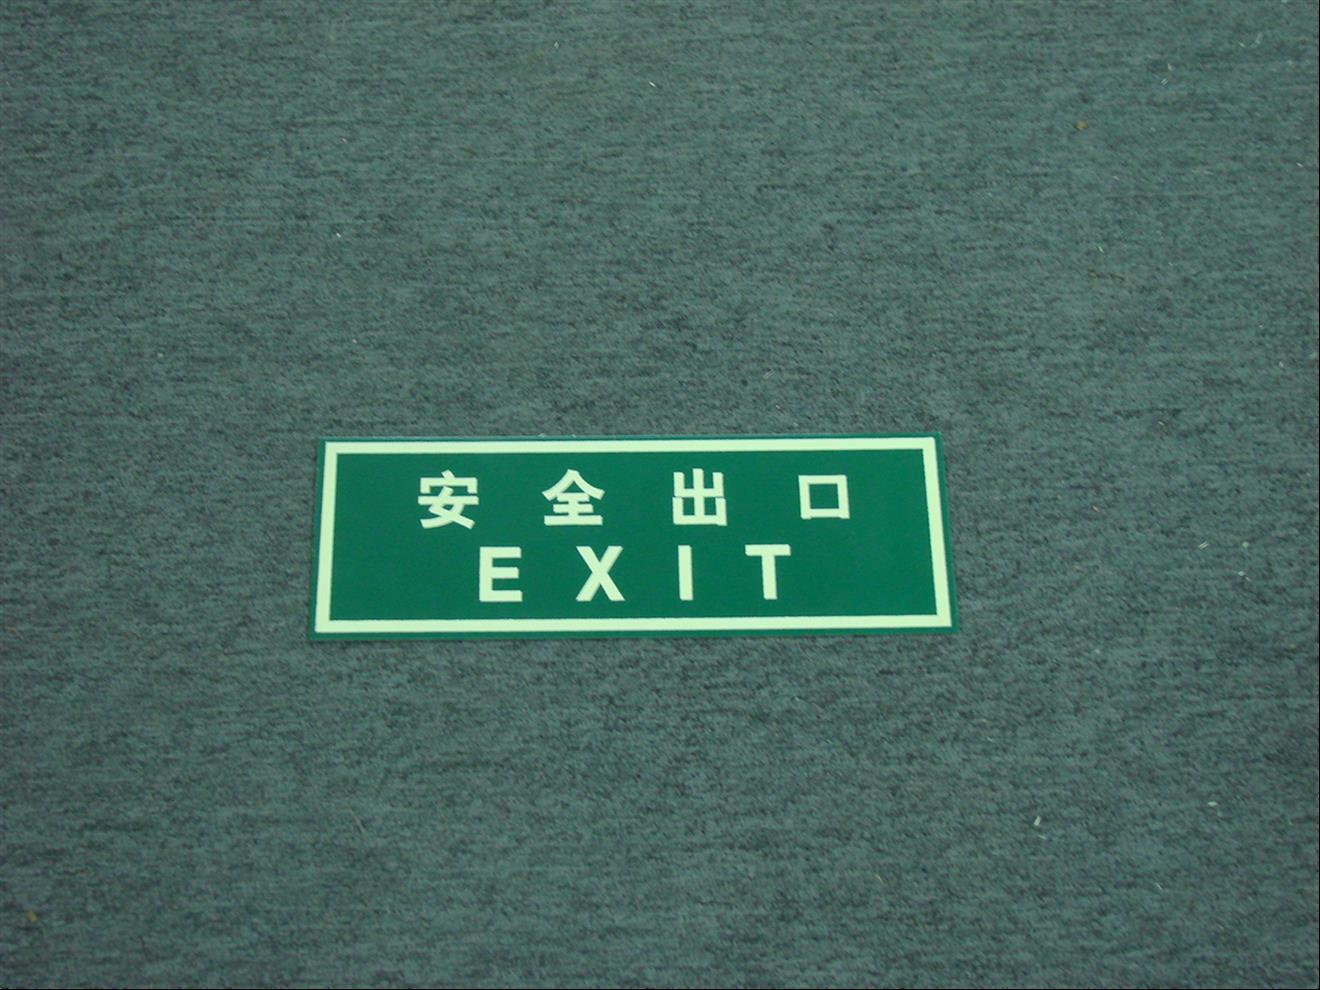 苏州安全出口夜光疏散标识厂家直销